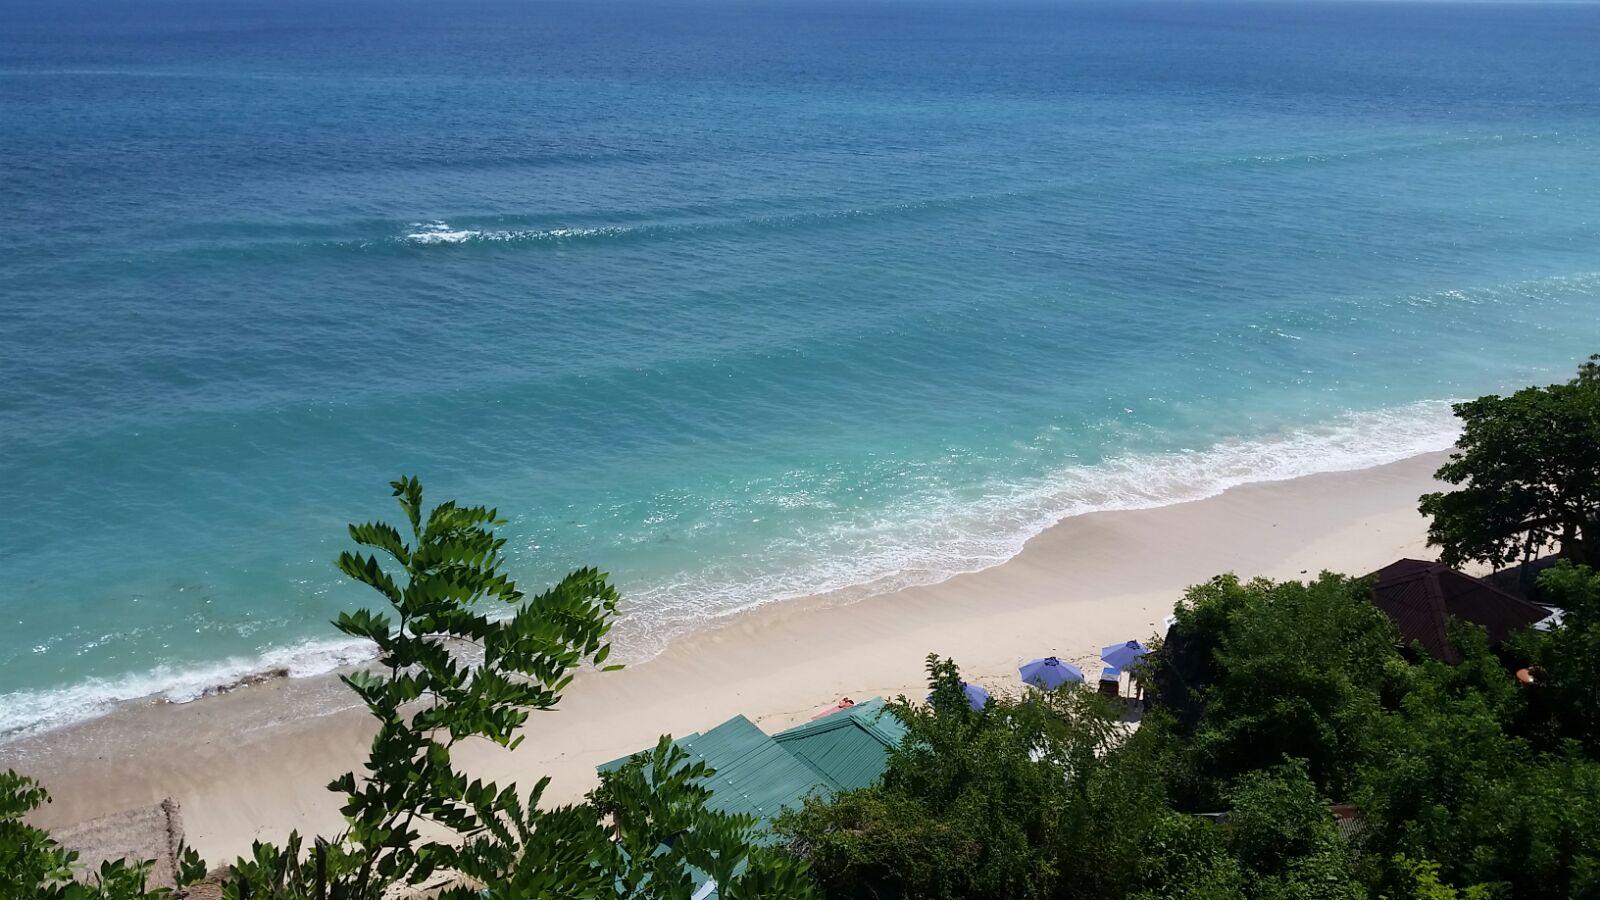 Pantai Labuhan Sait. Photo via Melali Bingin